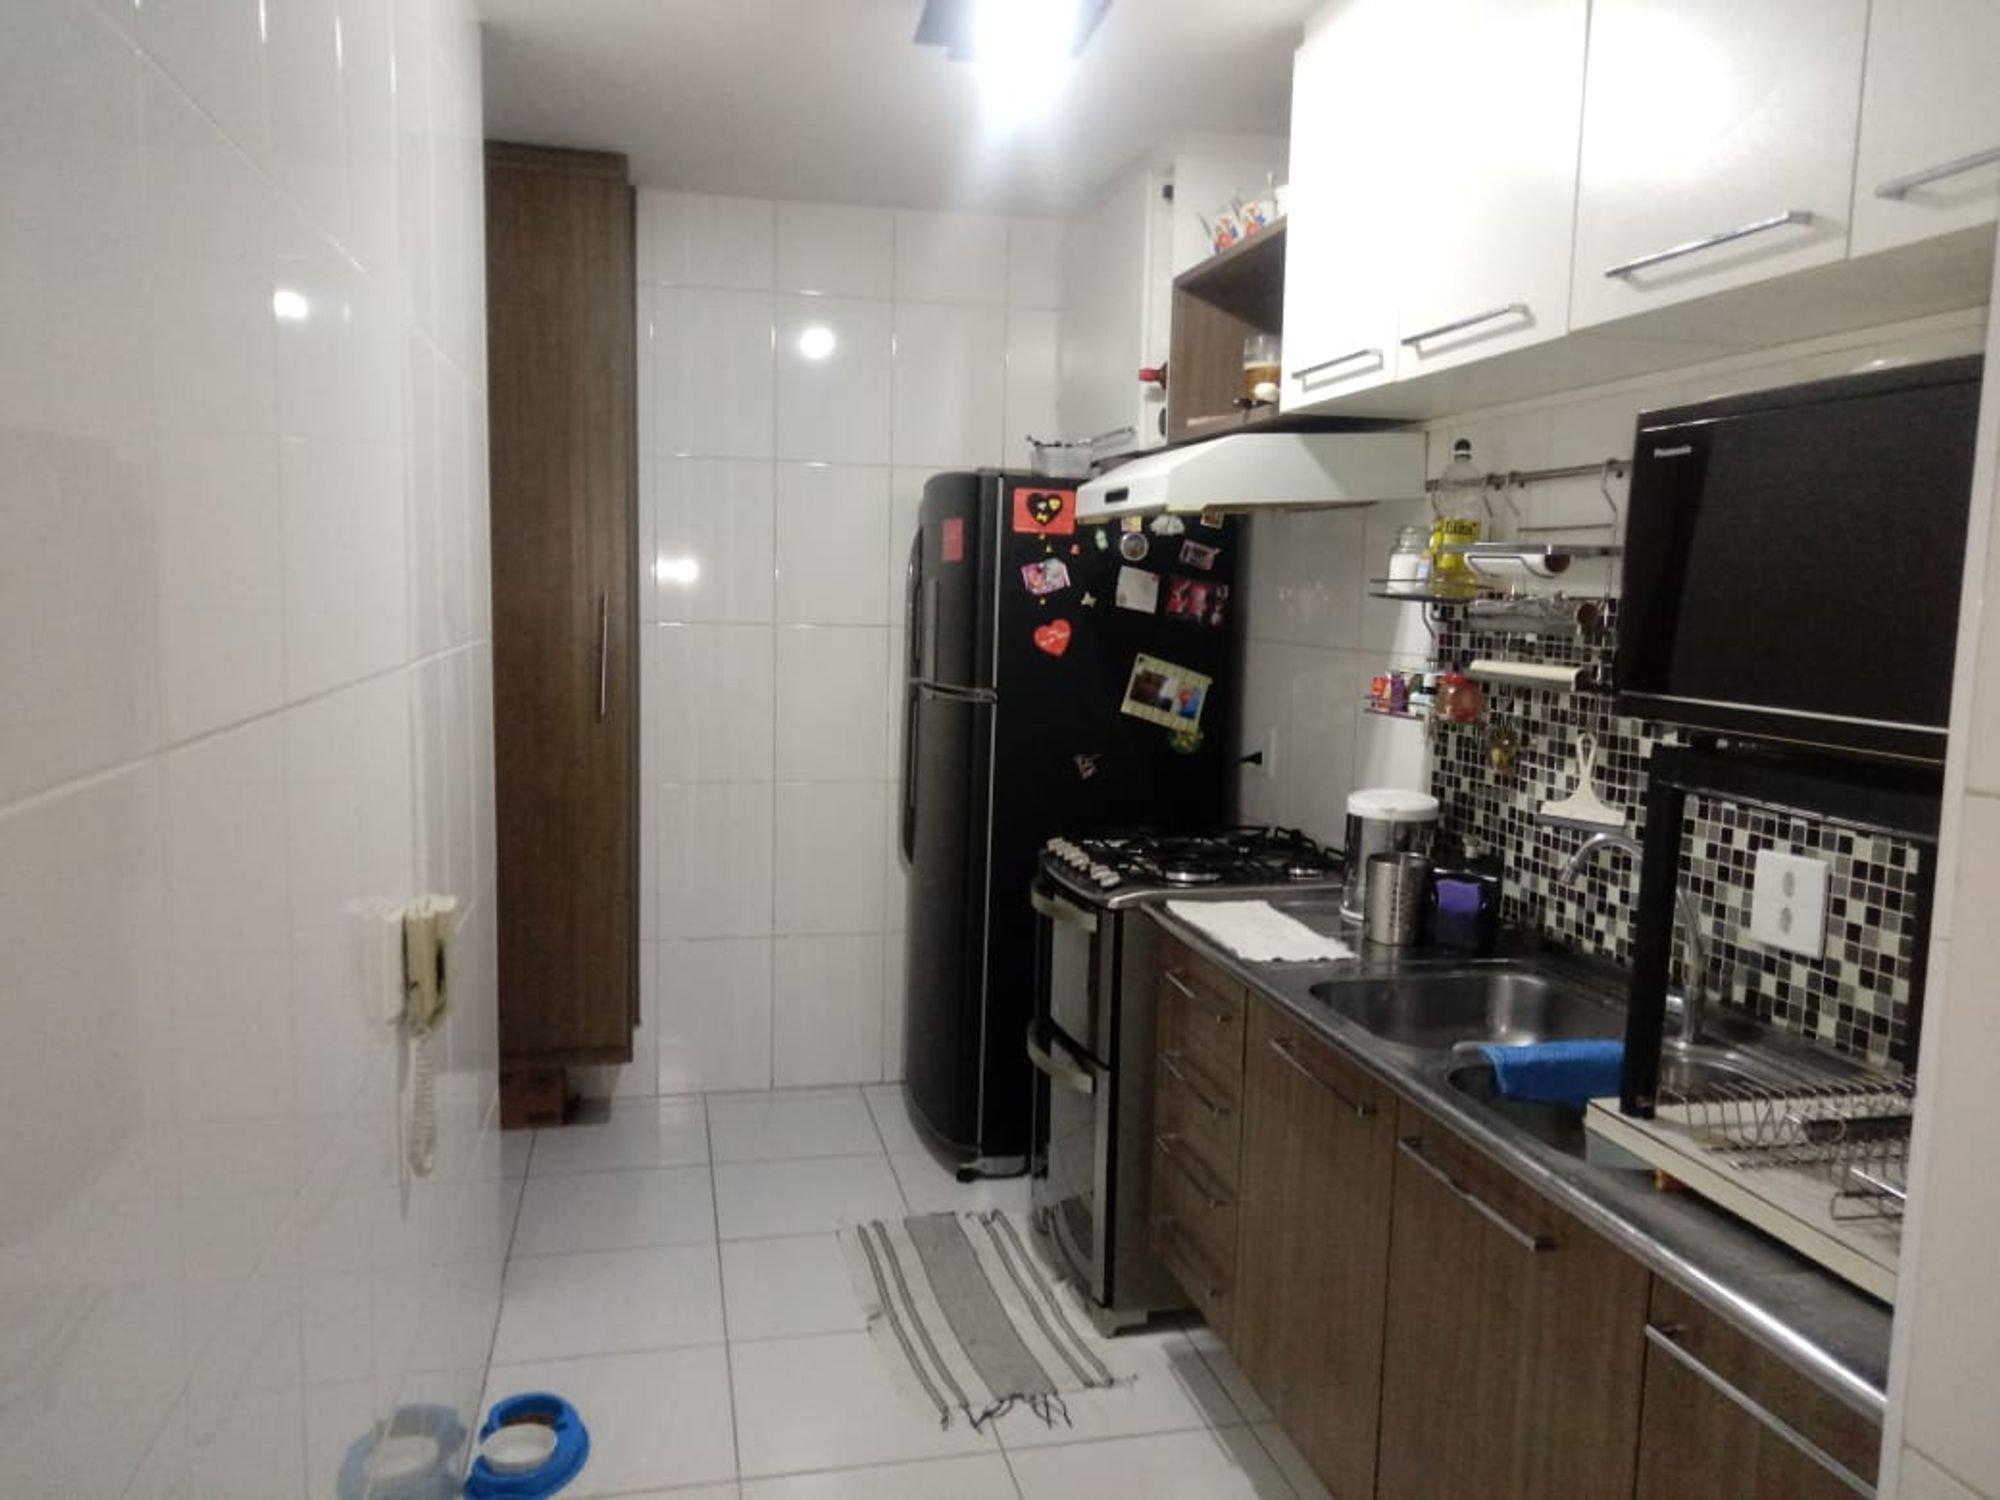 Foto de Cozinha com televisão, forno, geladeira, pia